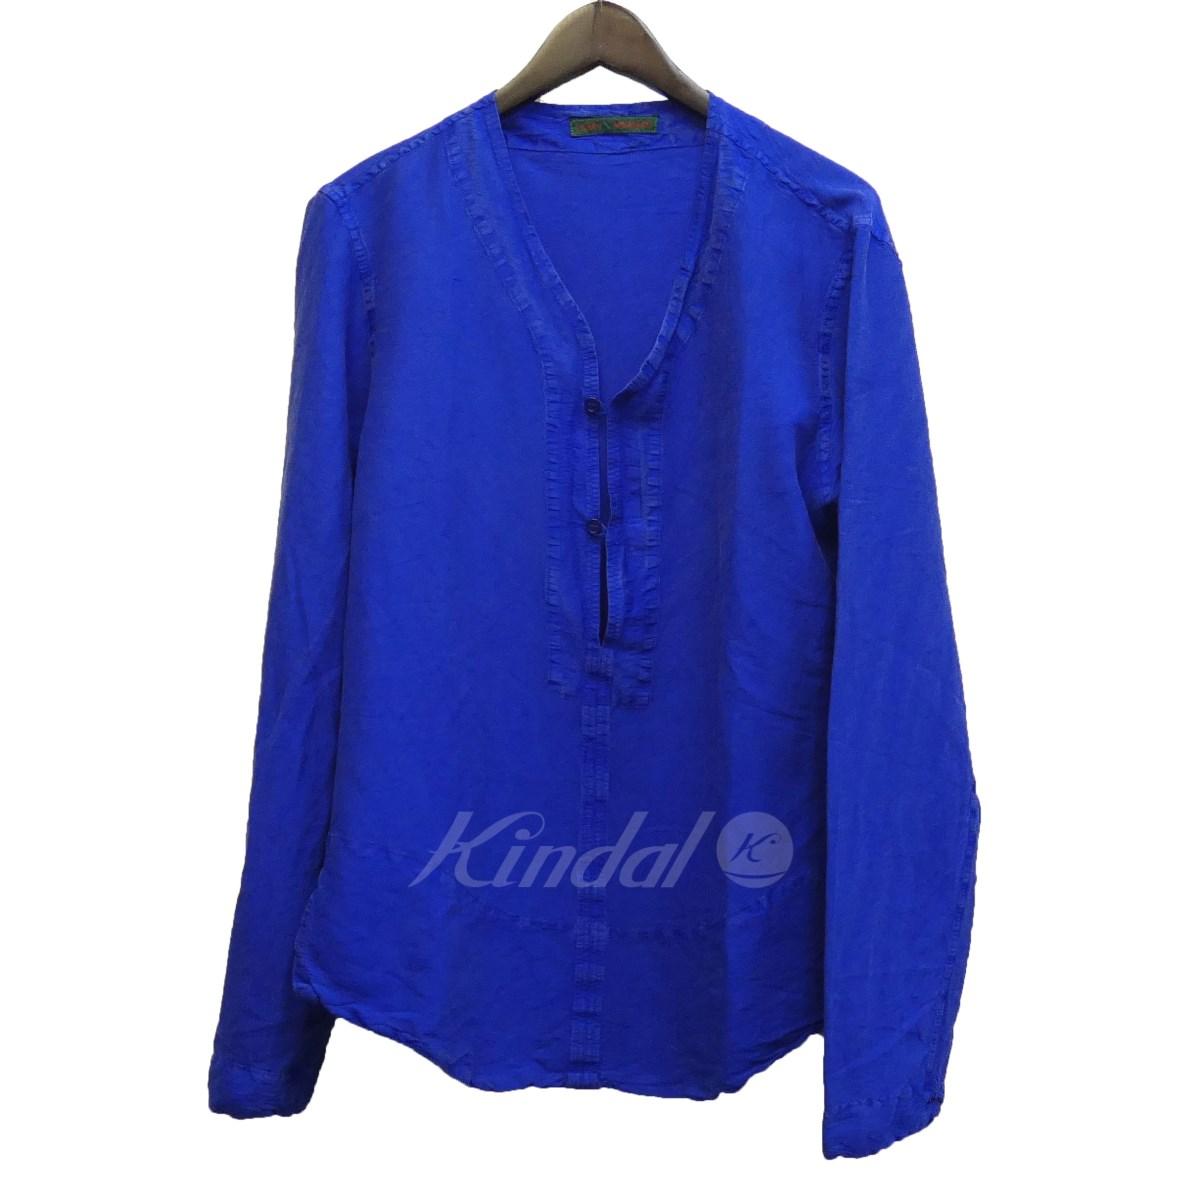 【中古】casey vidalenc シルクオーバーシャツ ブルー サイズ:XS 【270219】(キャセイヴィダレンク)